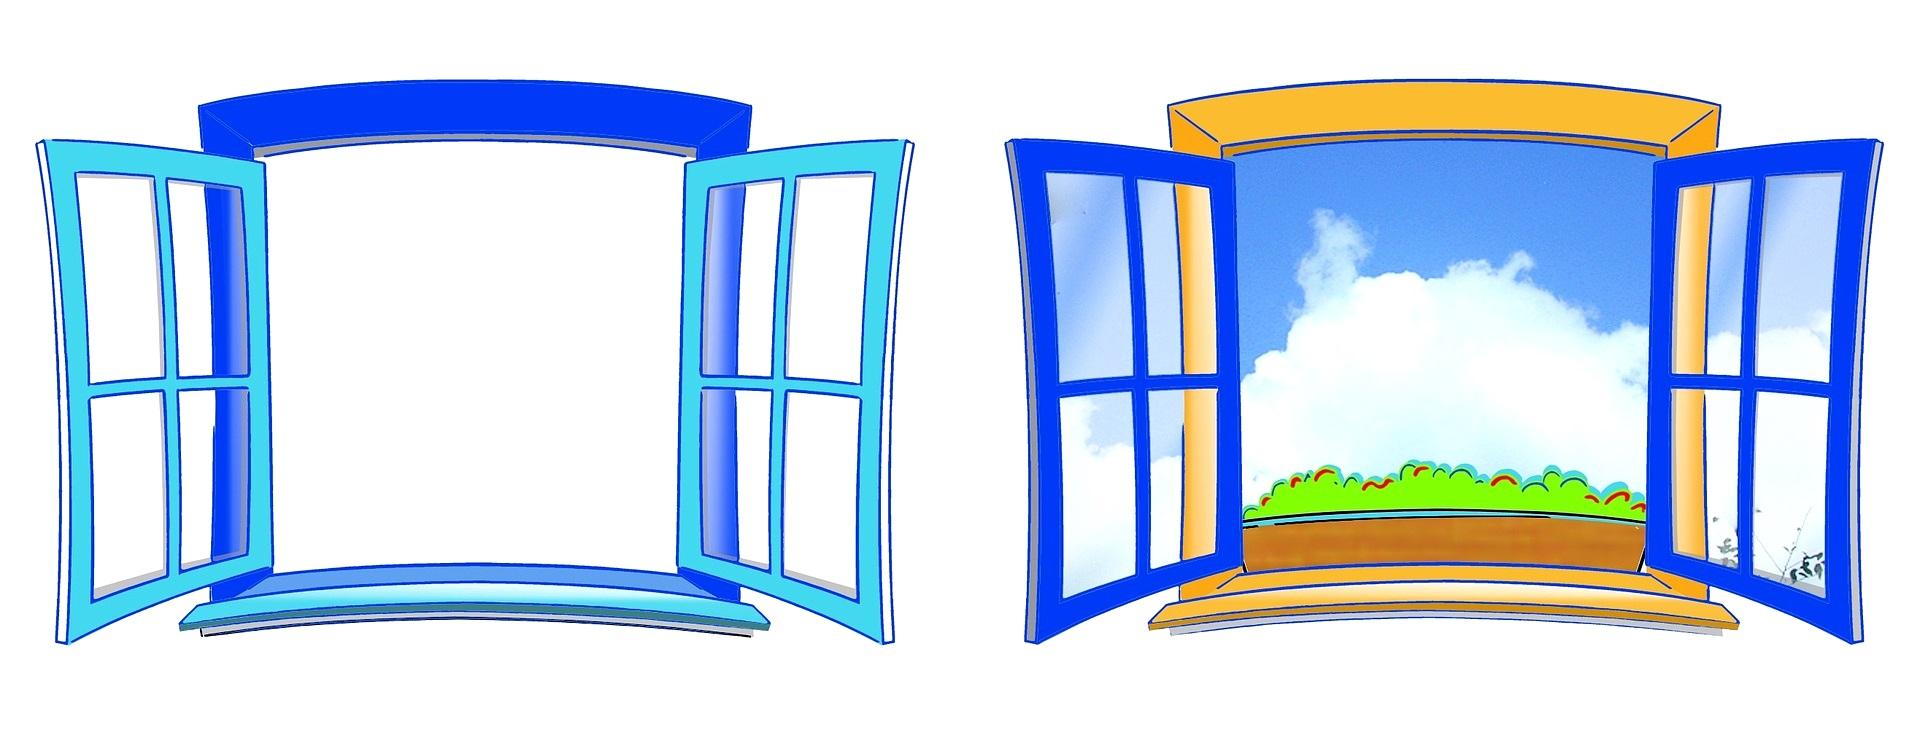 Luftfeuchtigkeit zu hoch? - Magazin Bautrocknung Duregger